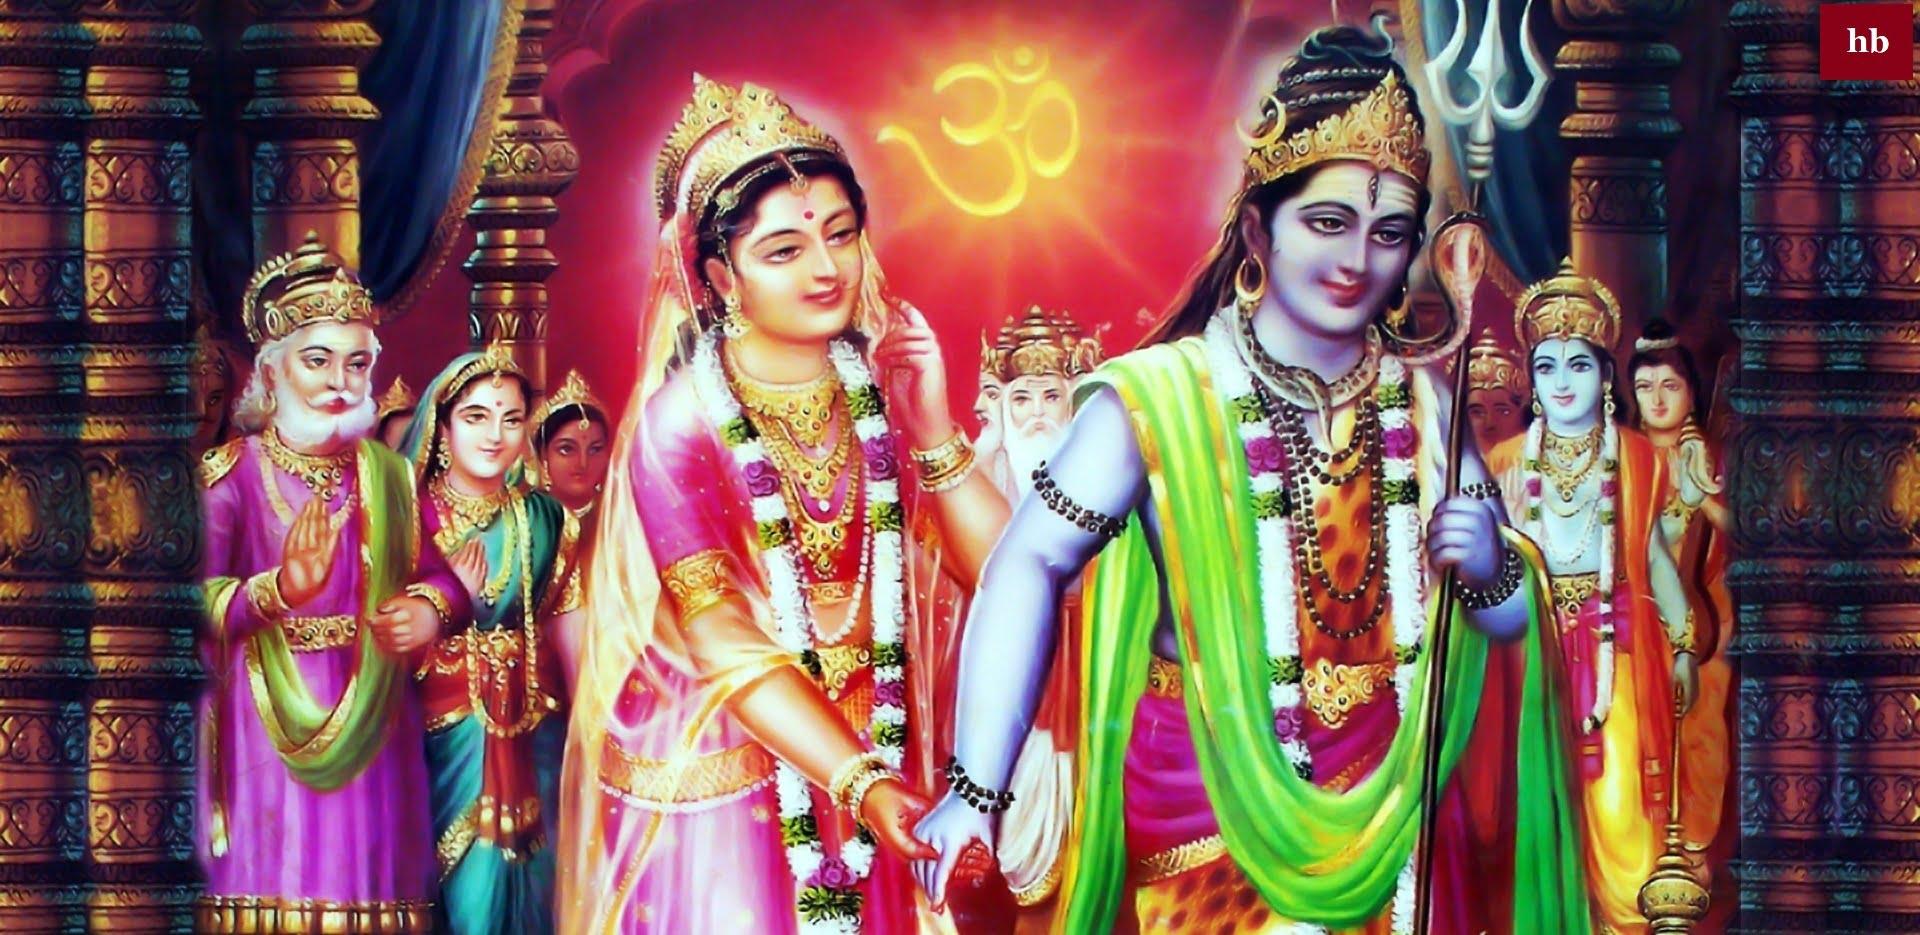 Parvati Weds Shiva